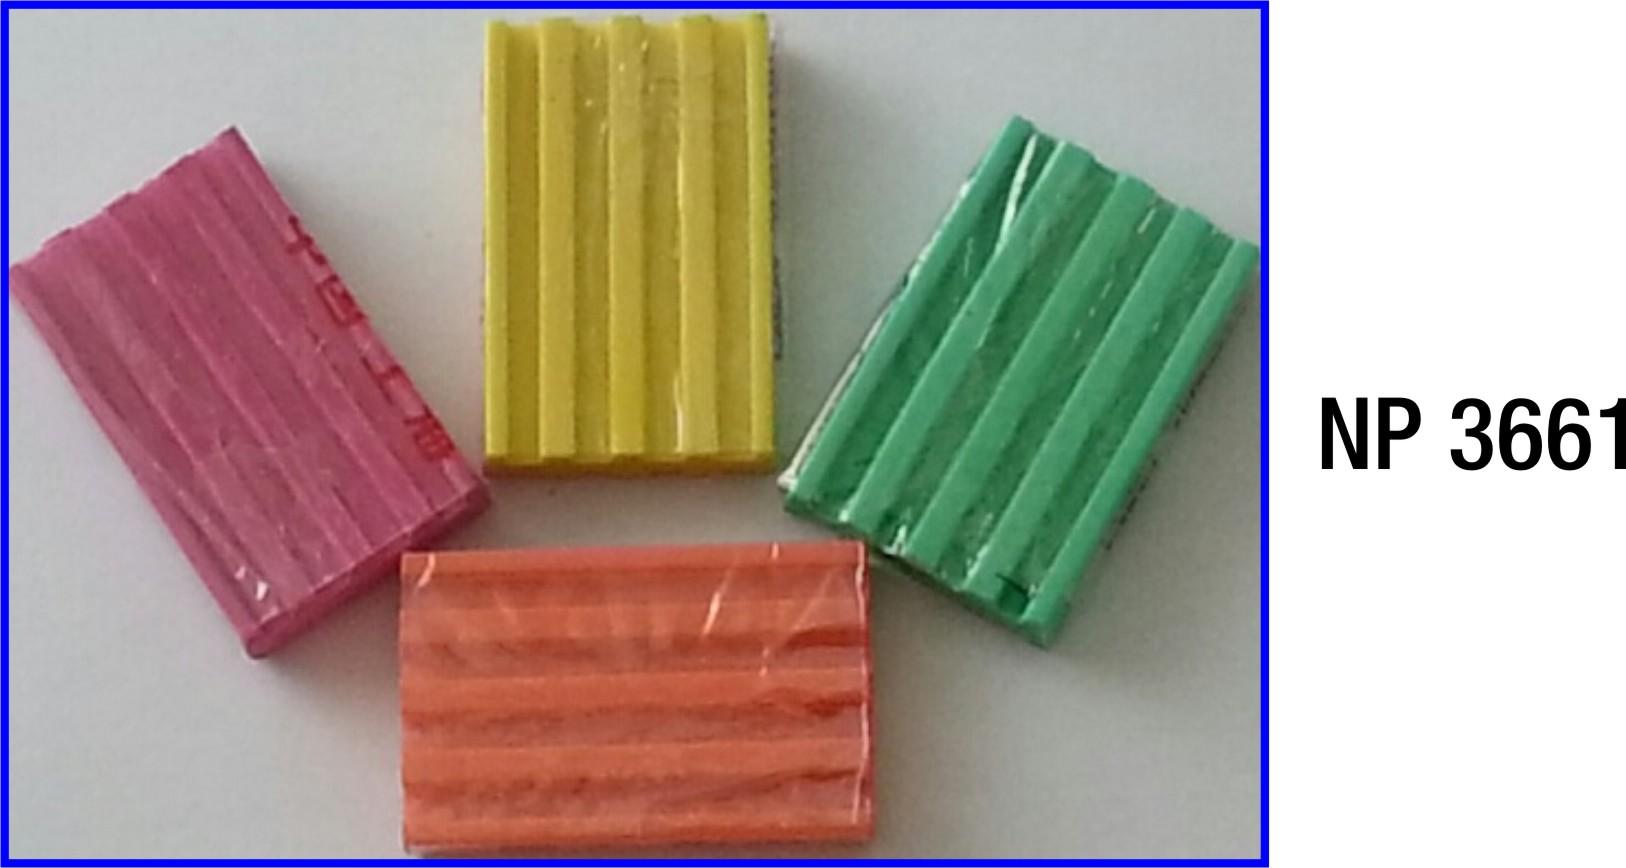 NP3661: Pencil Eraser